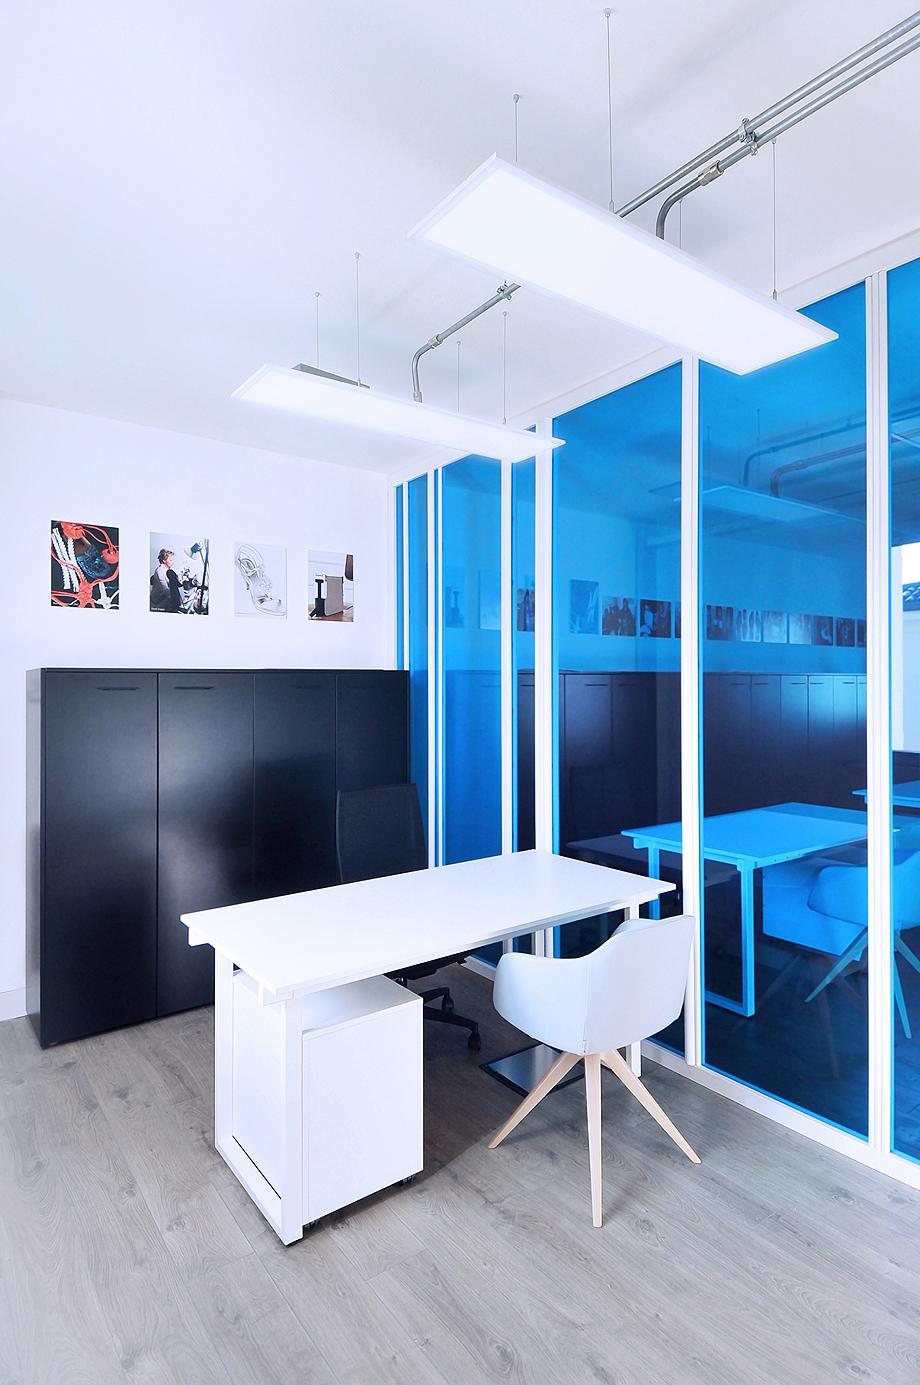 oficinas de la cna por tissellistudioarchitetti (5)